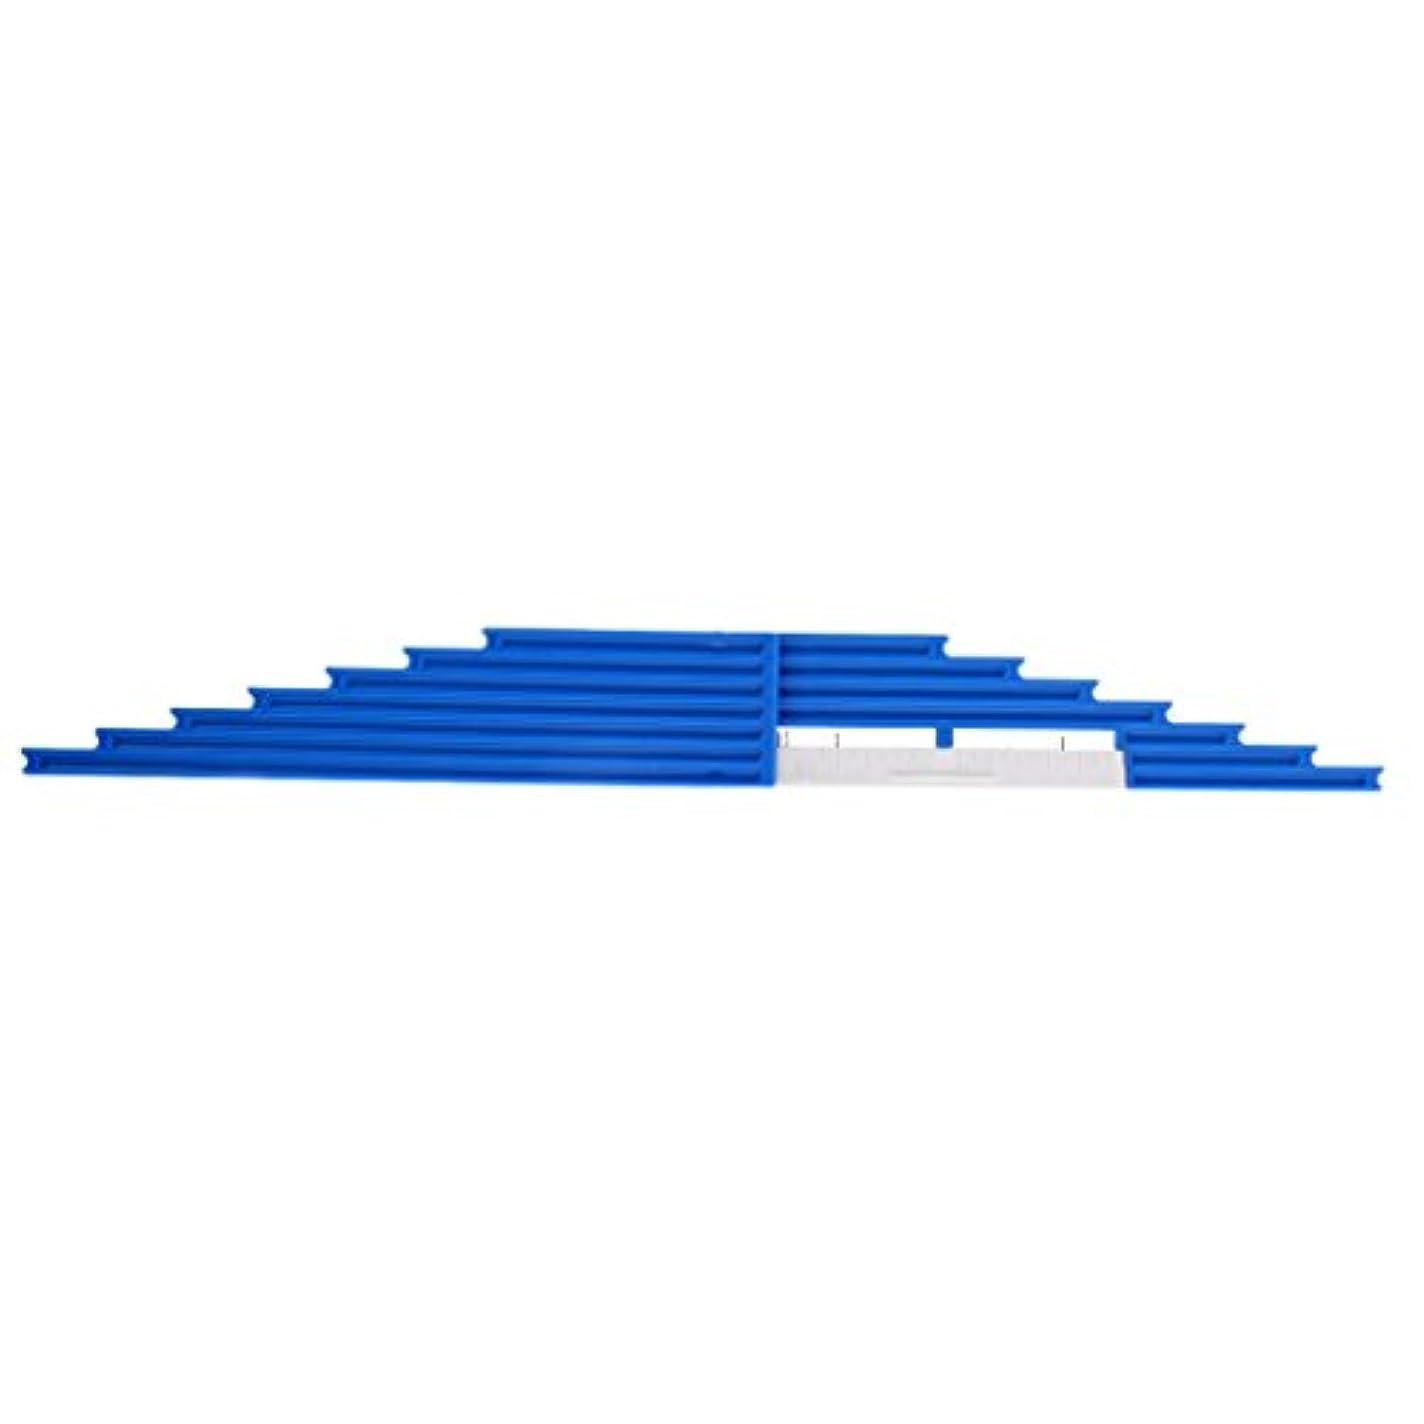 征服者規制報復するFenteer 釣り糸 長さ 標準ルーラー ABS製 ハード プラスチック 釣糸 定規 タックル ラインボード 3色選べ